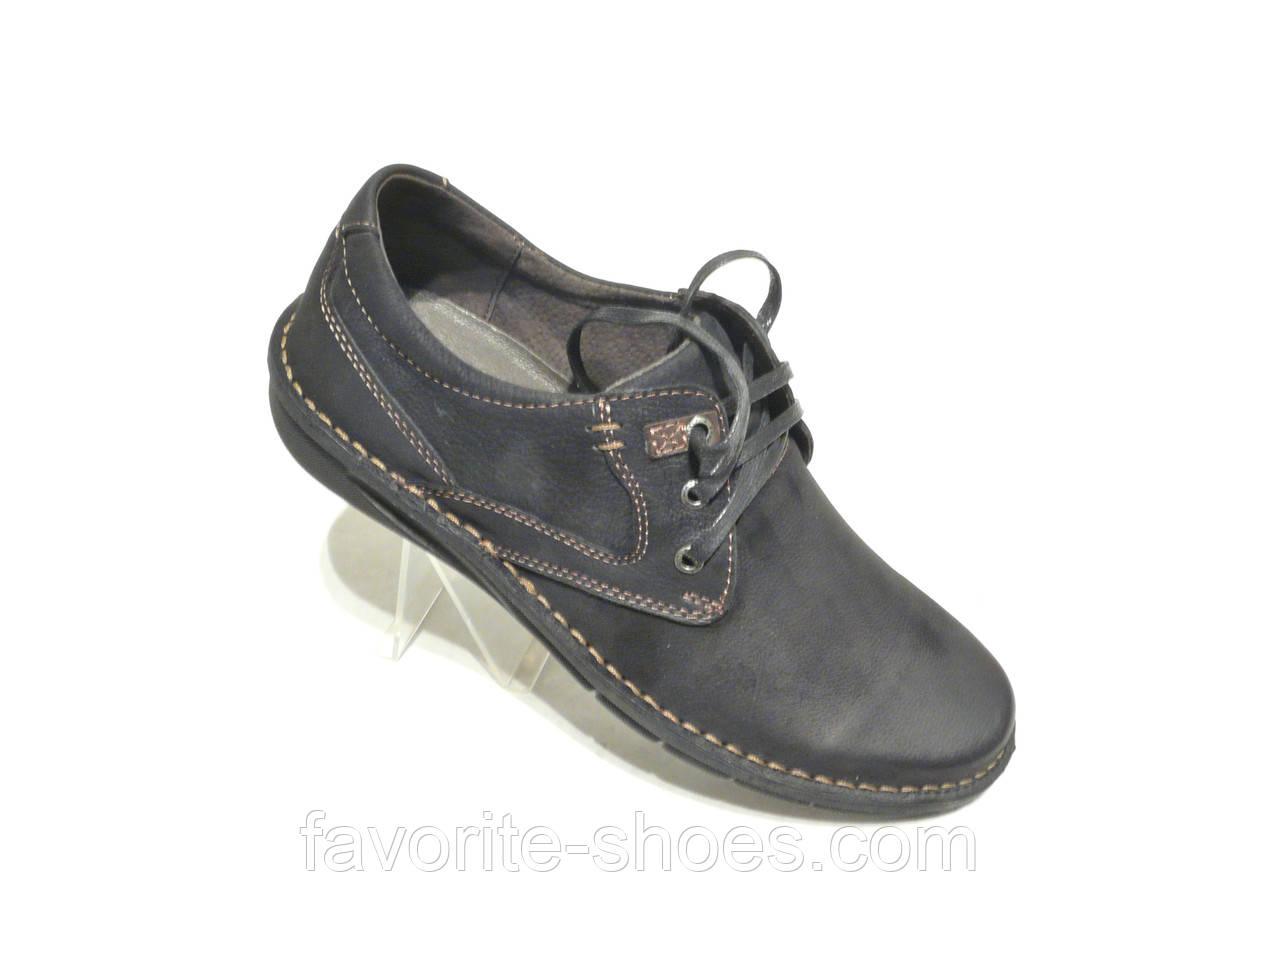 6bbbf98af Мужские кожаные туфли черные DETTA макасин: продажа, цена в ...